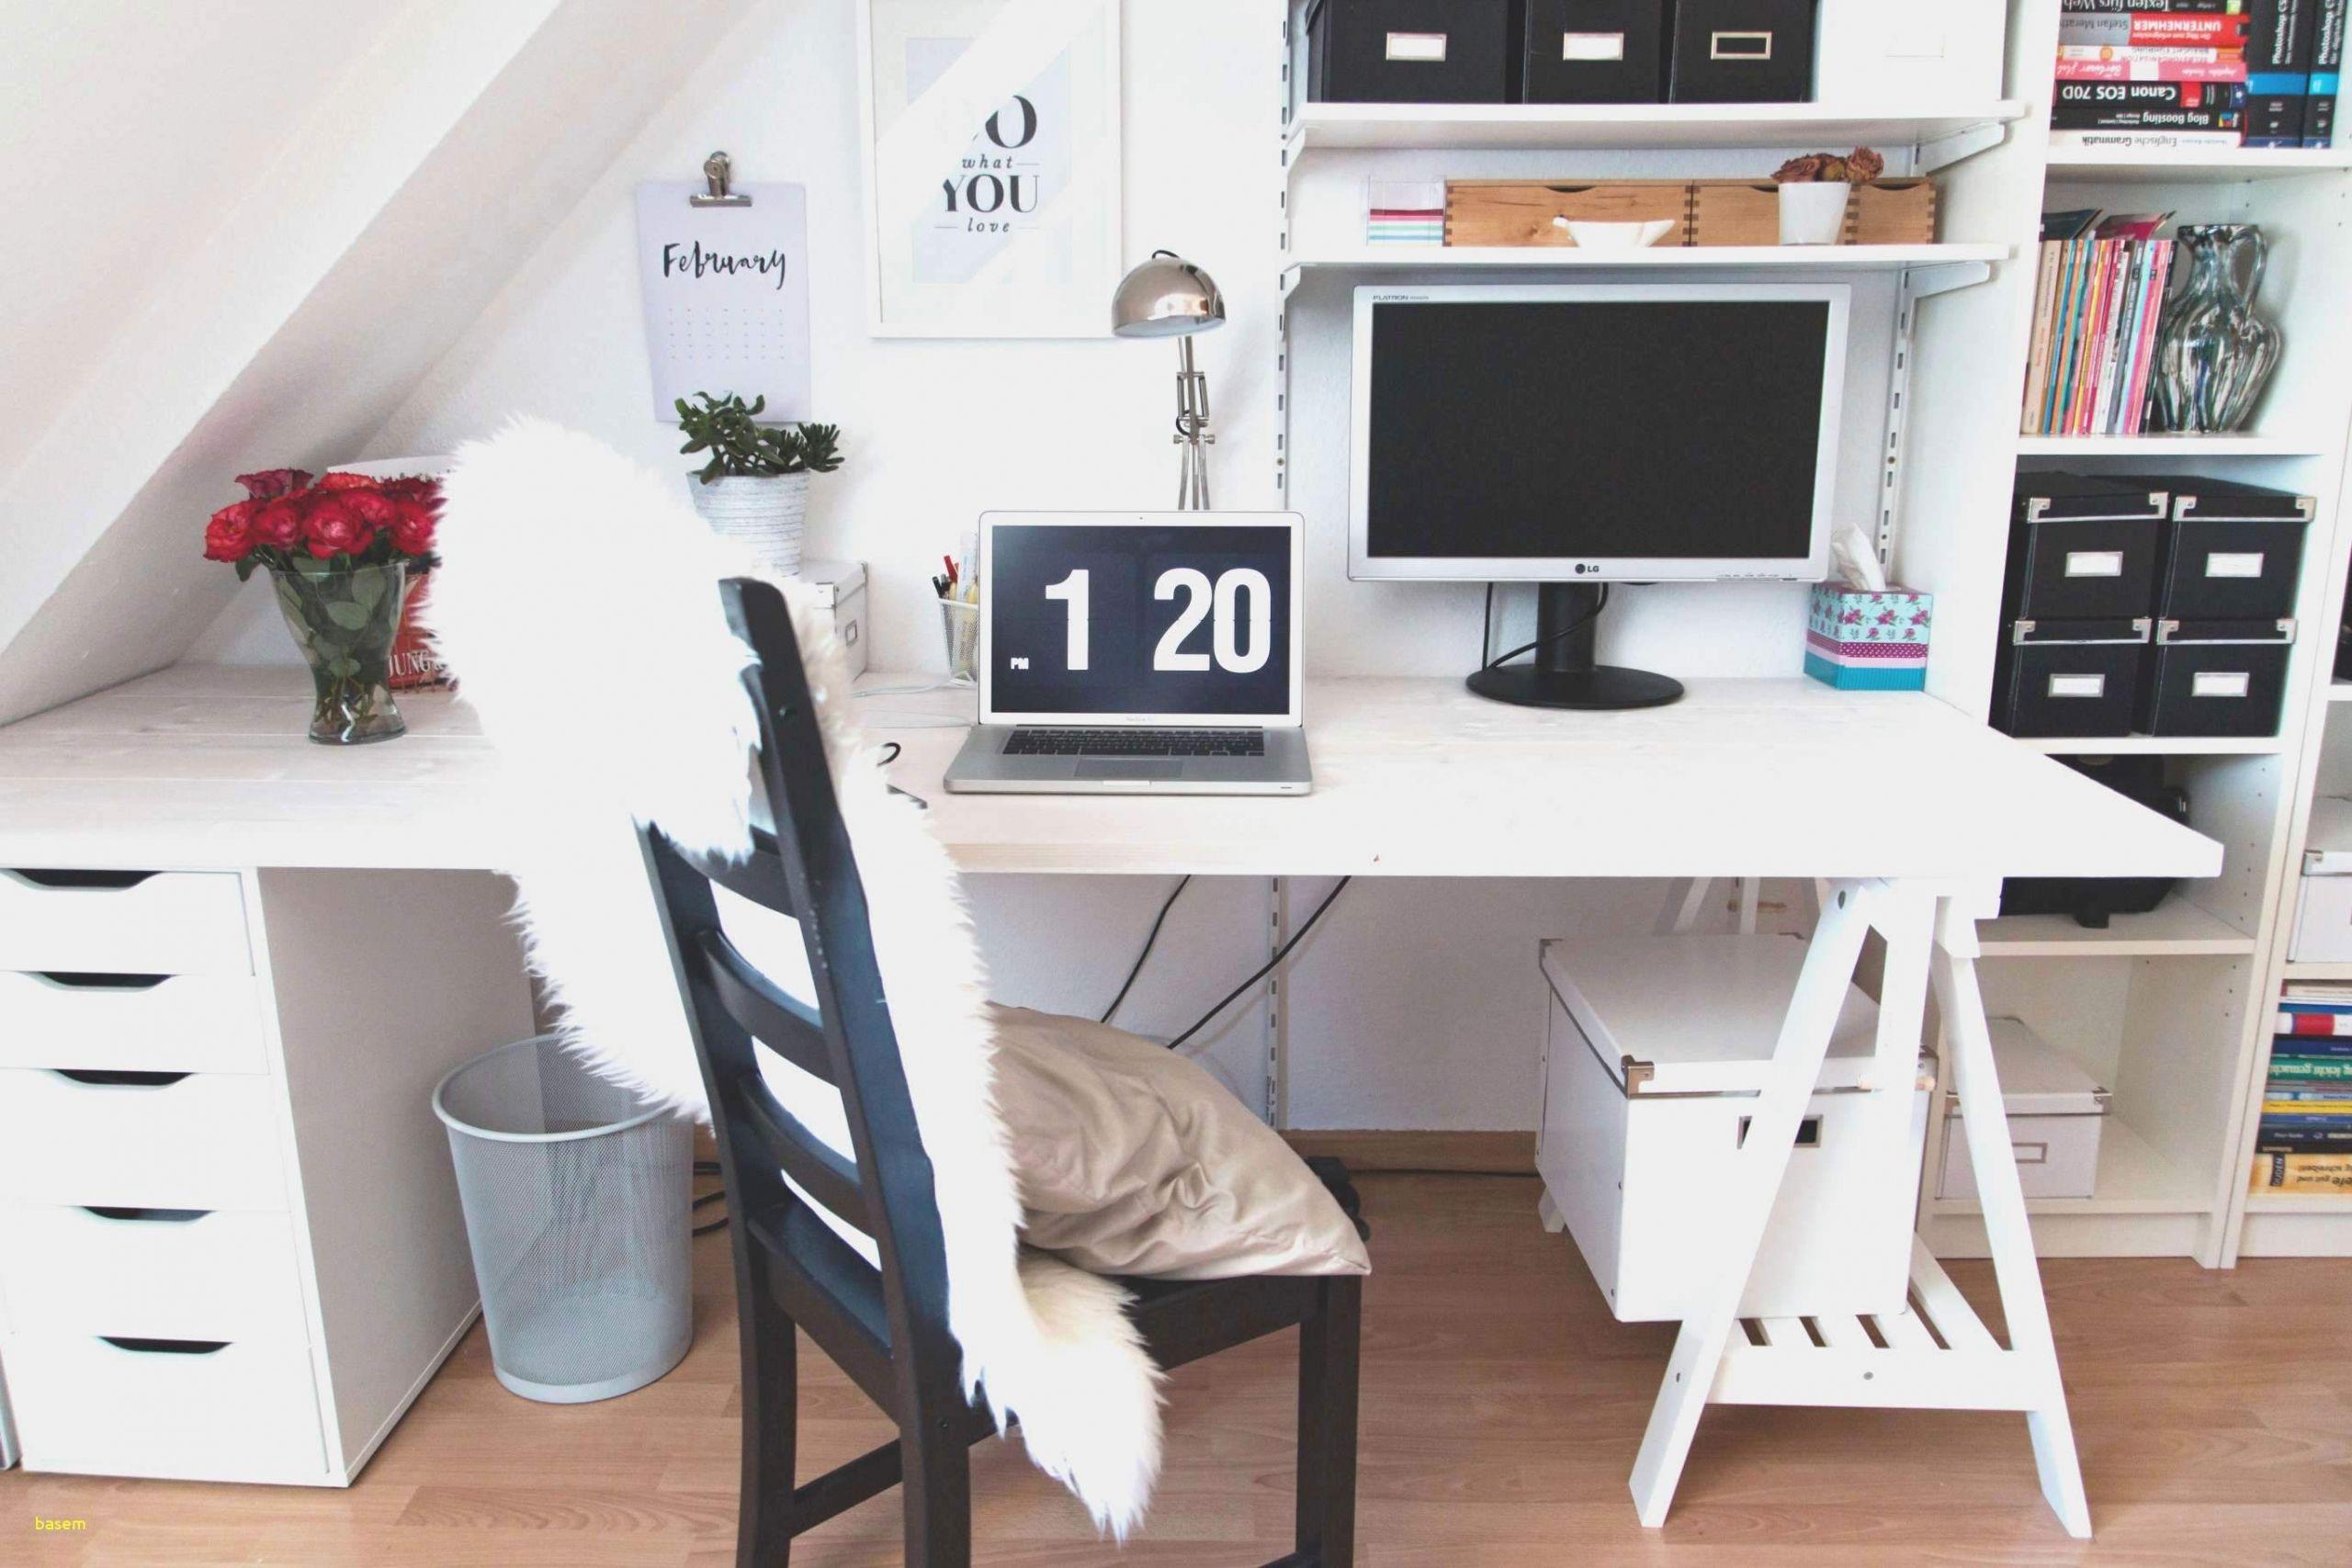 diy wohnzimmer das beste von weihnachtsdeko xxl deko ideen diy attraktiv regal of diy wohnzimmer